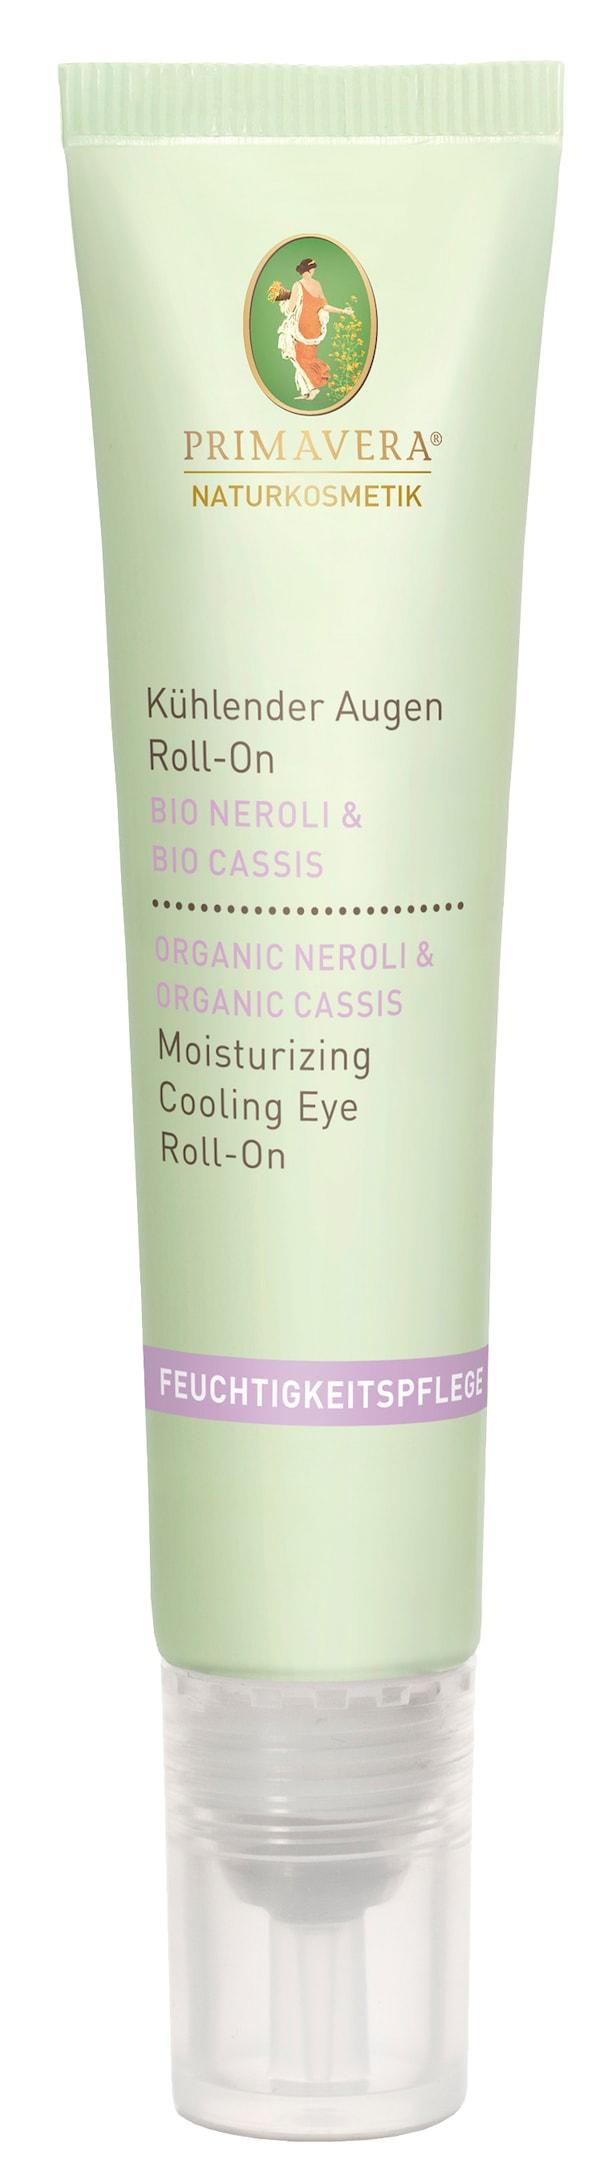 Feuchtigkeitspflege Neroli Cassis_Augen Roll-On von Primavera